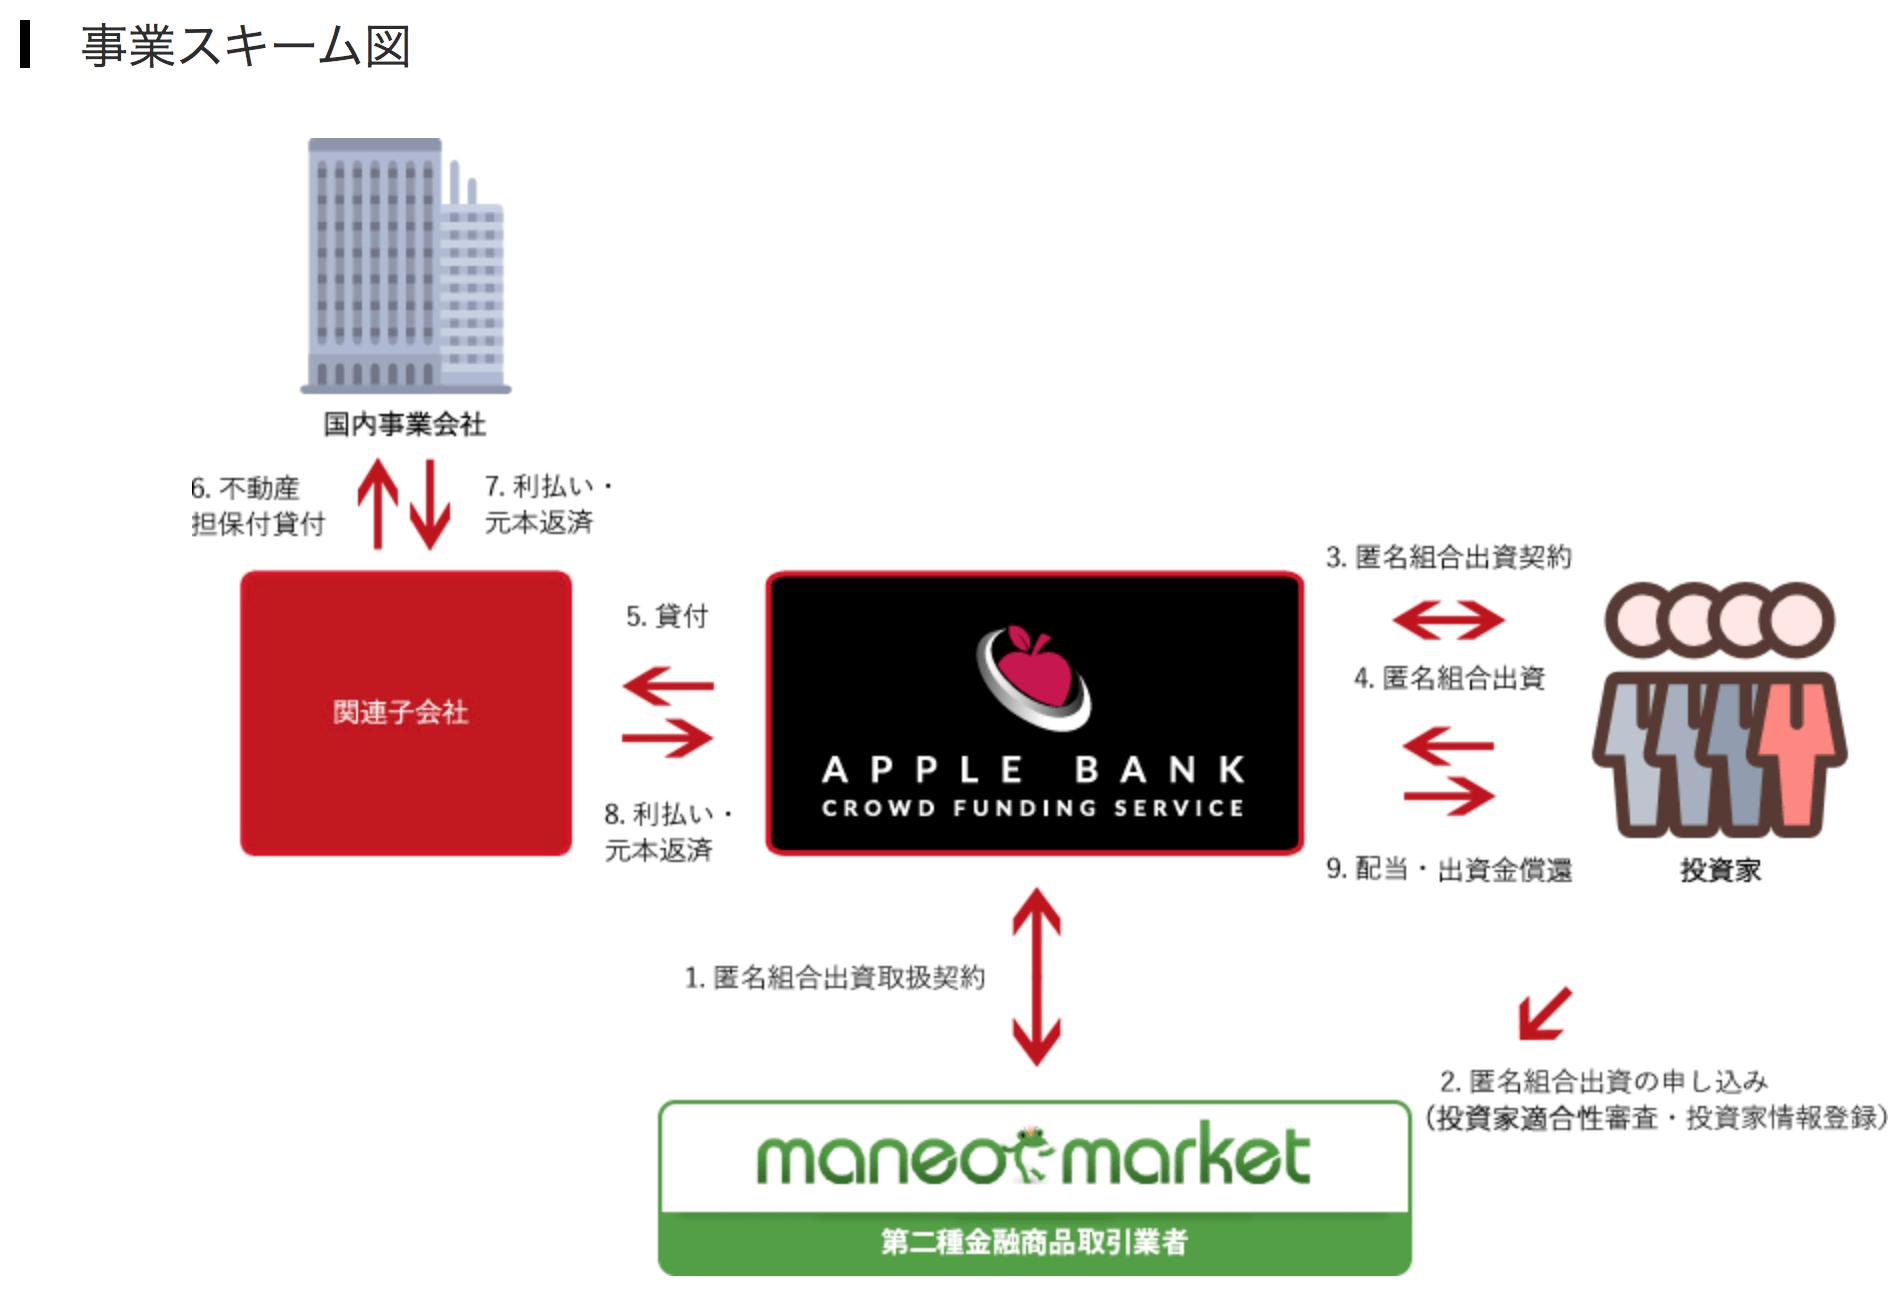 アップルバンク事業スキーム図